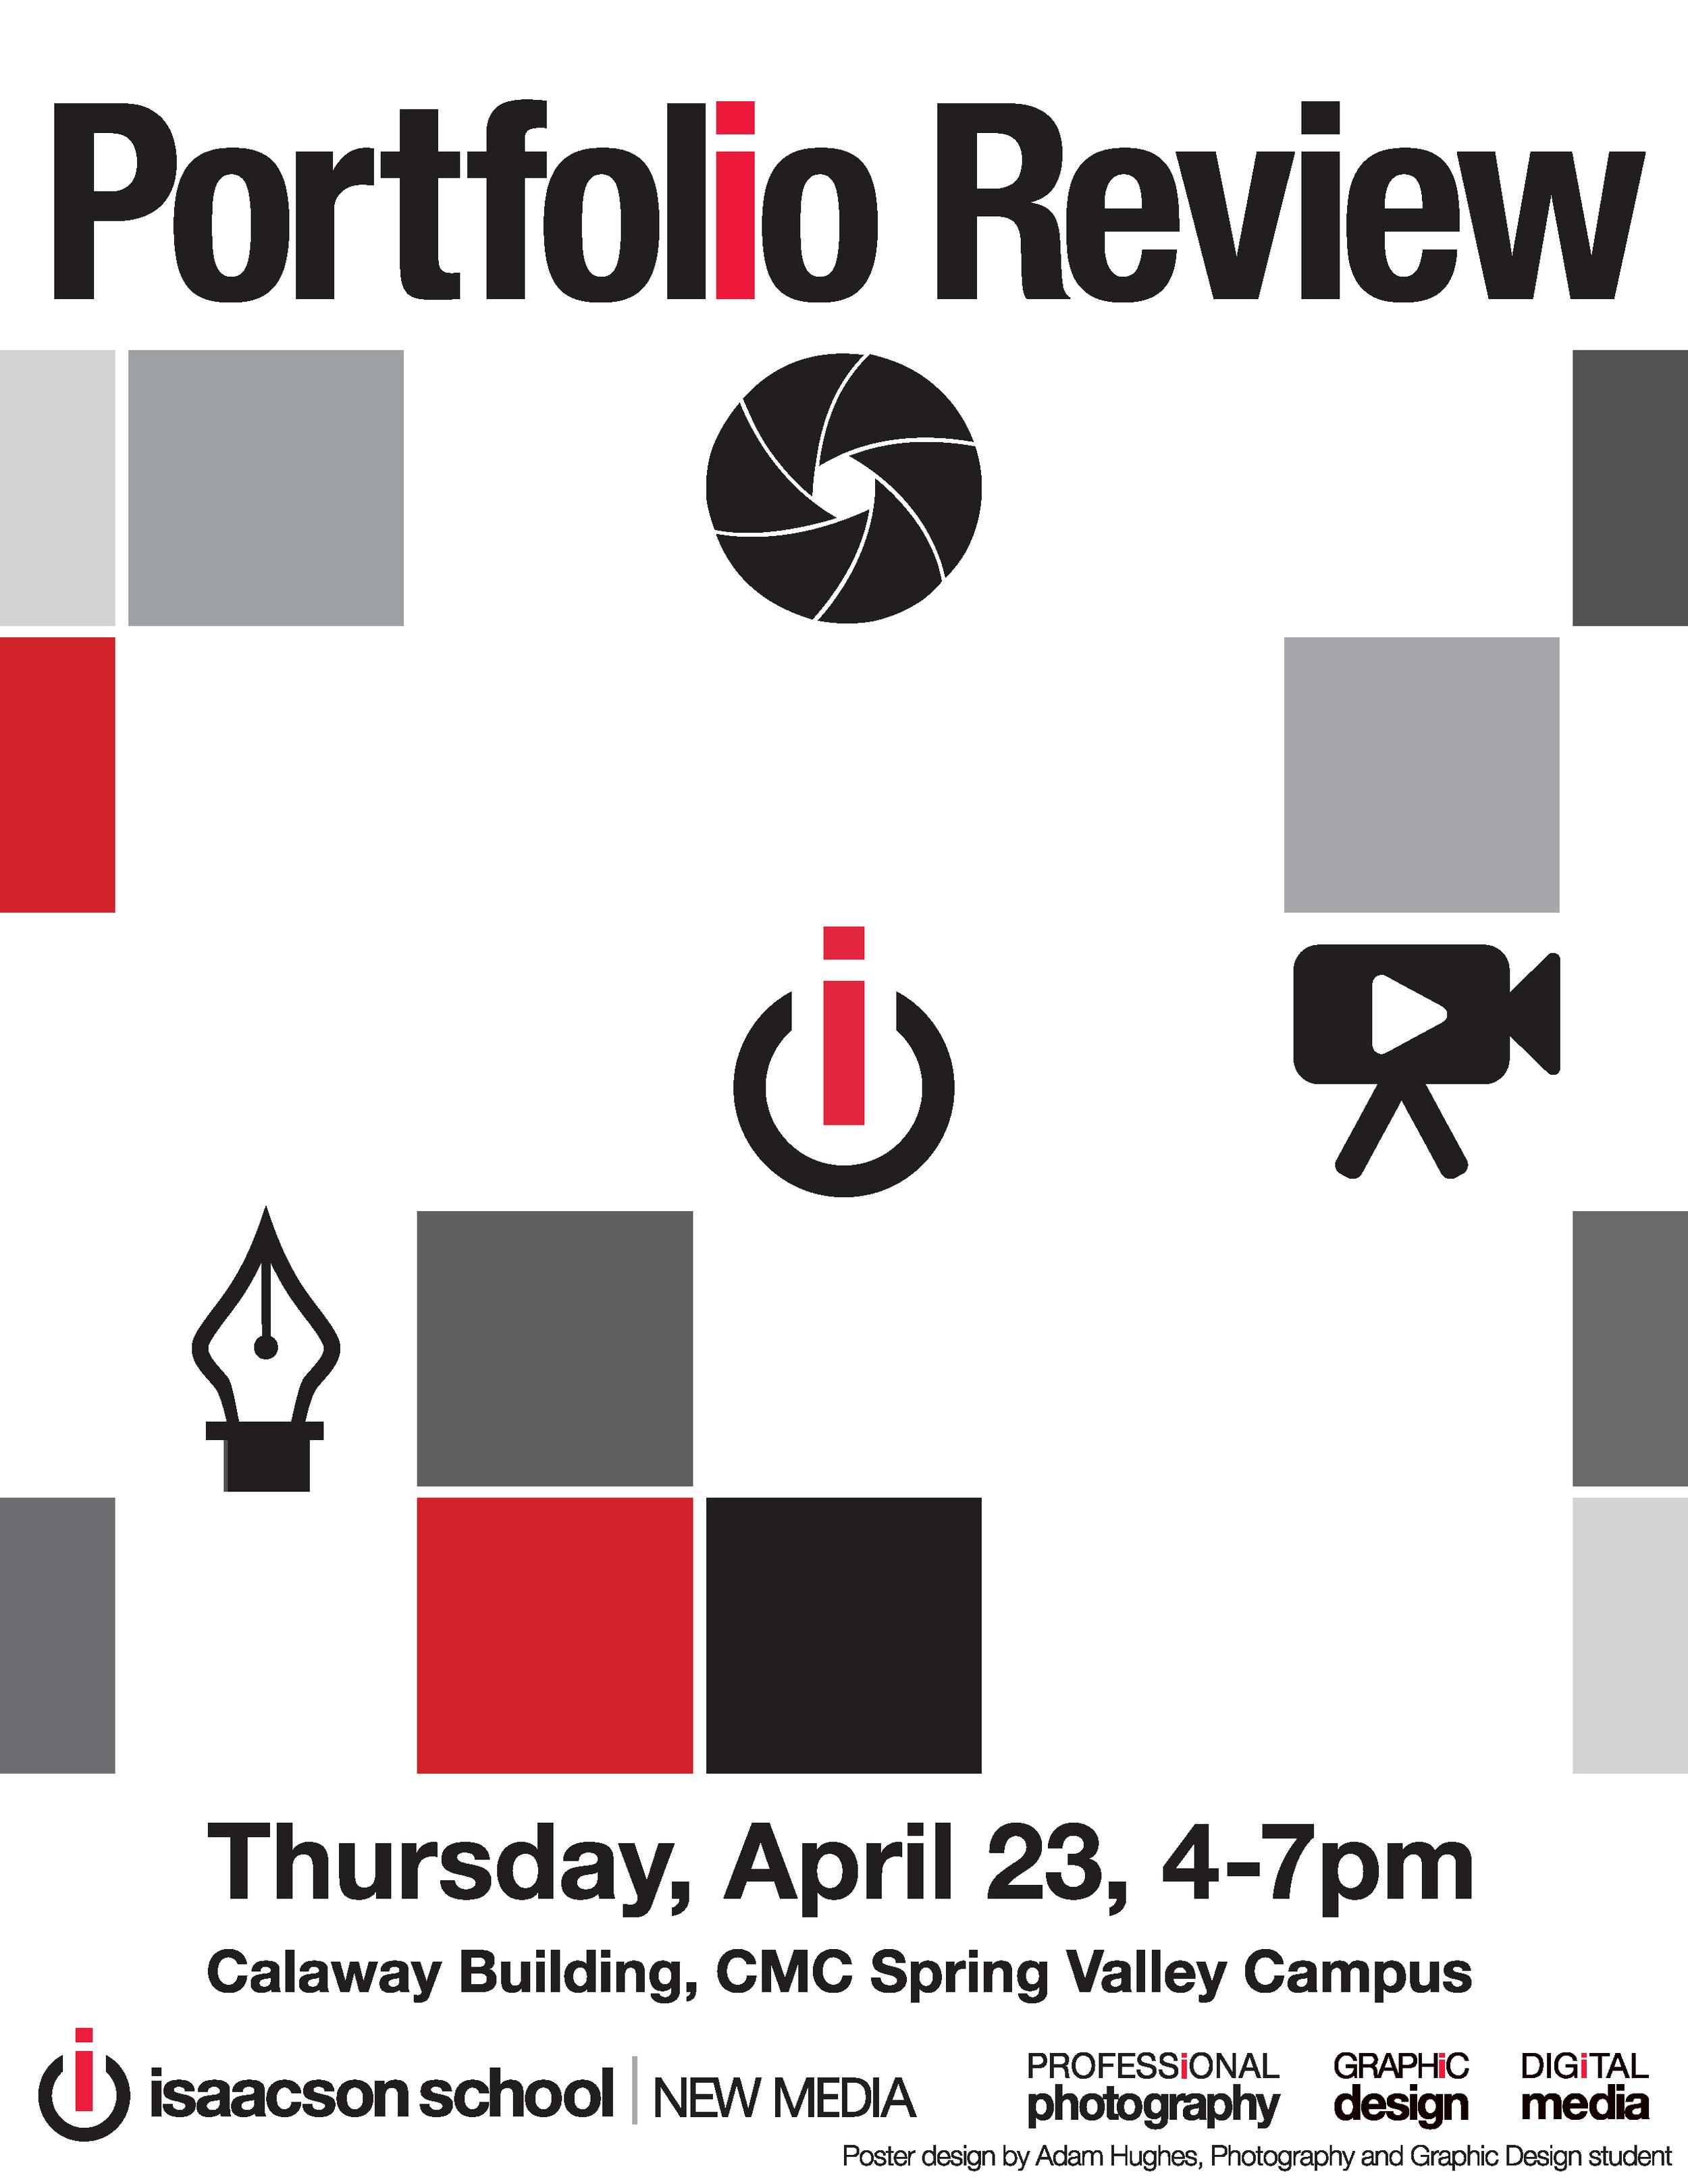 Portfolio Review Poster Spring 2015